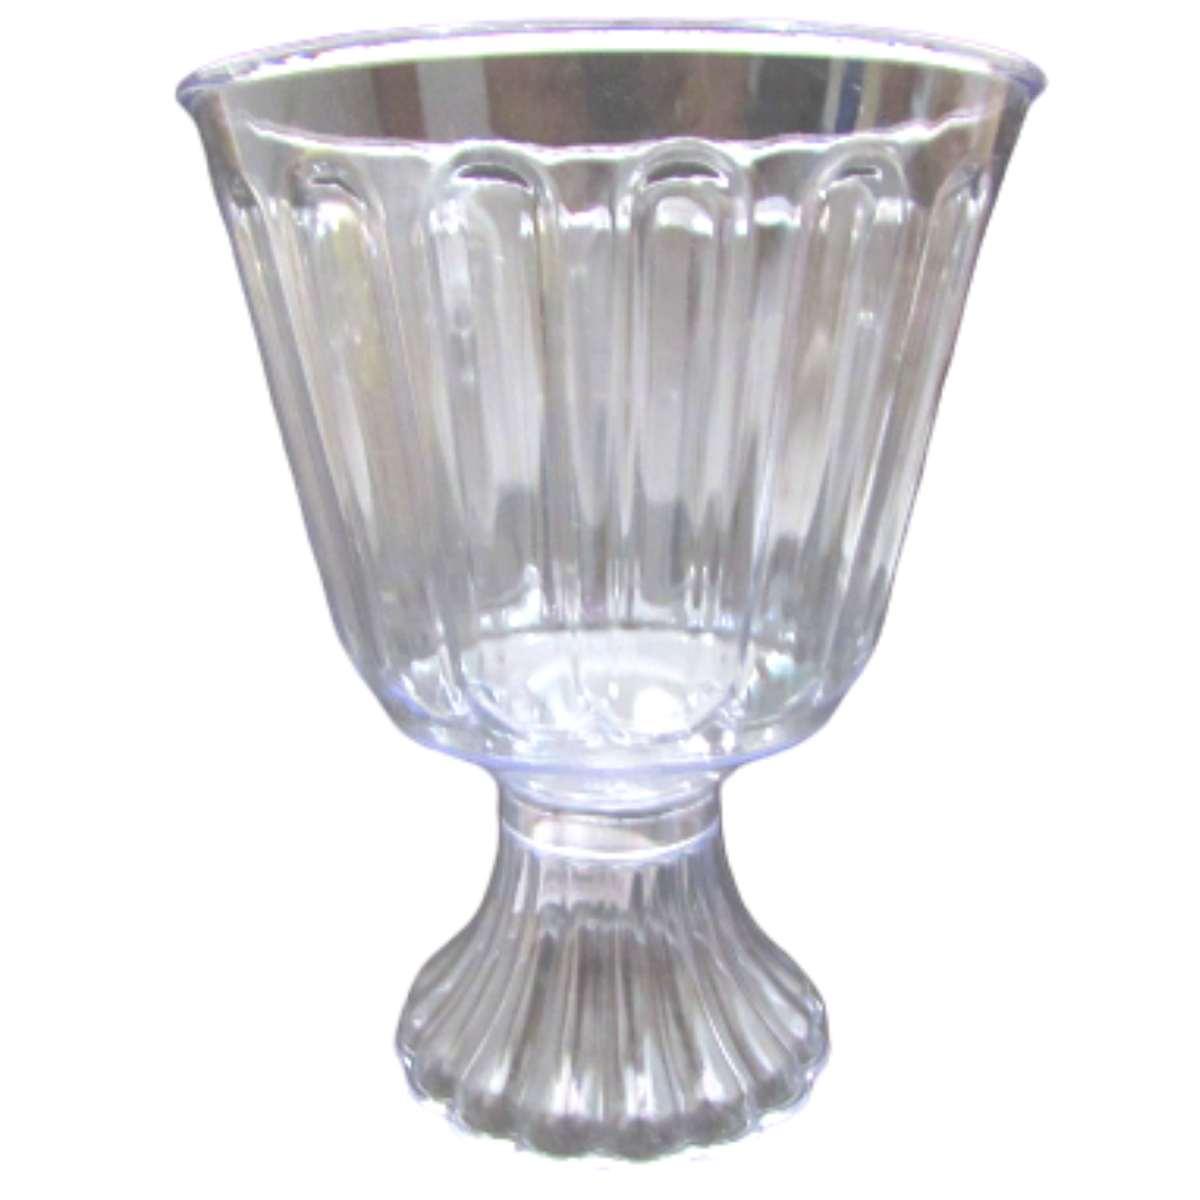 Taça de Acrílico Transparente Bolo de Colher Confeiteiro 1,250ml